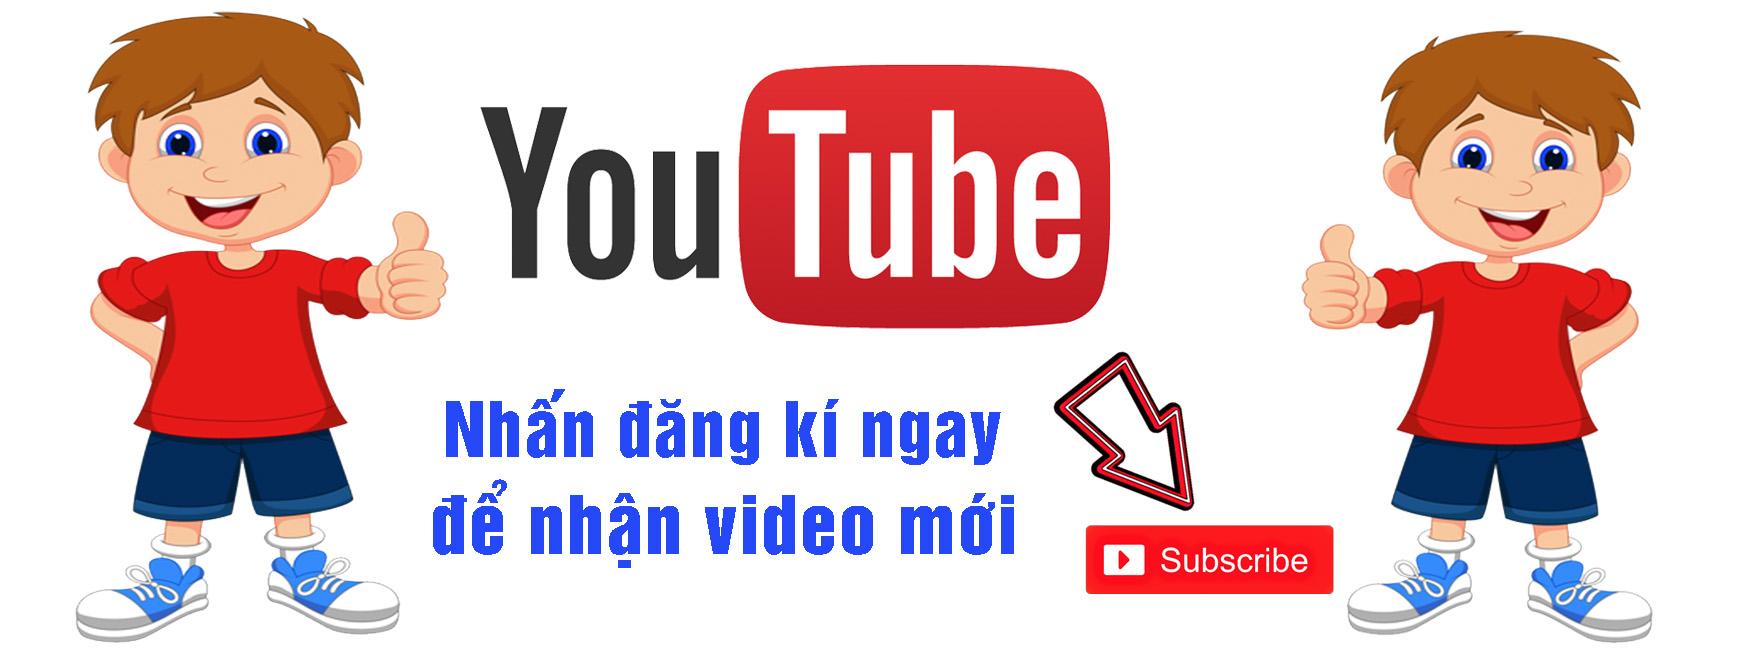 Đang kí Youtube để cập nhật nhiều video mới